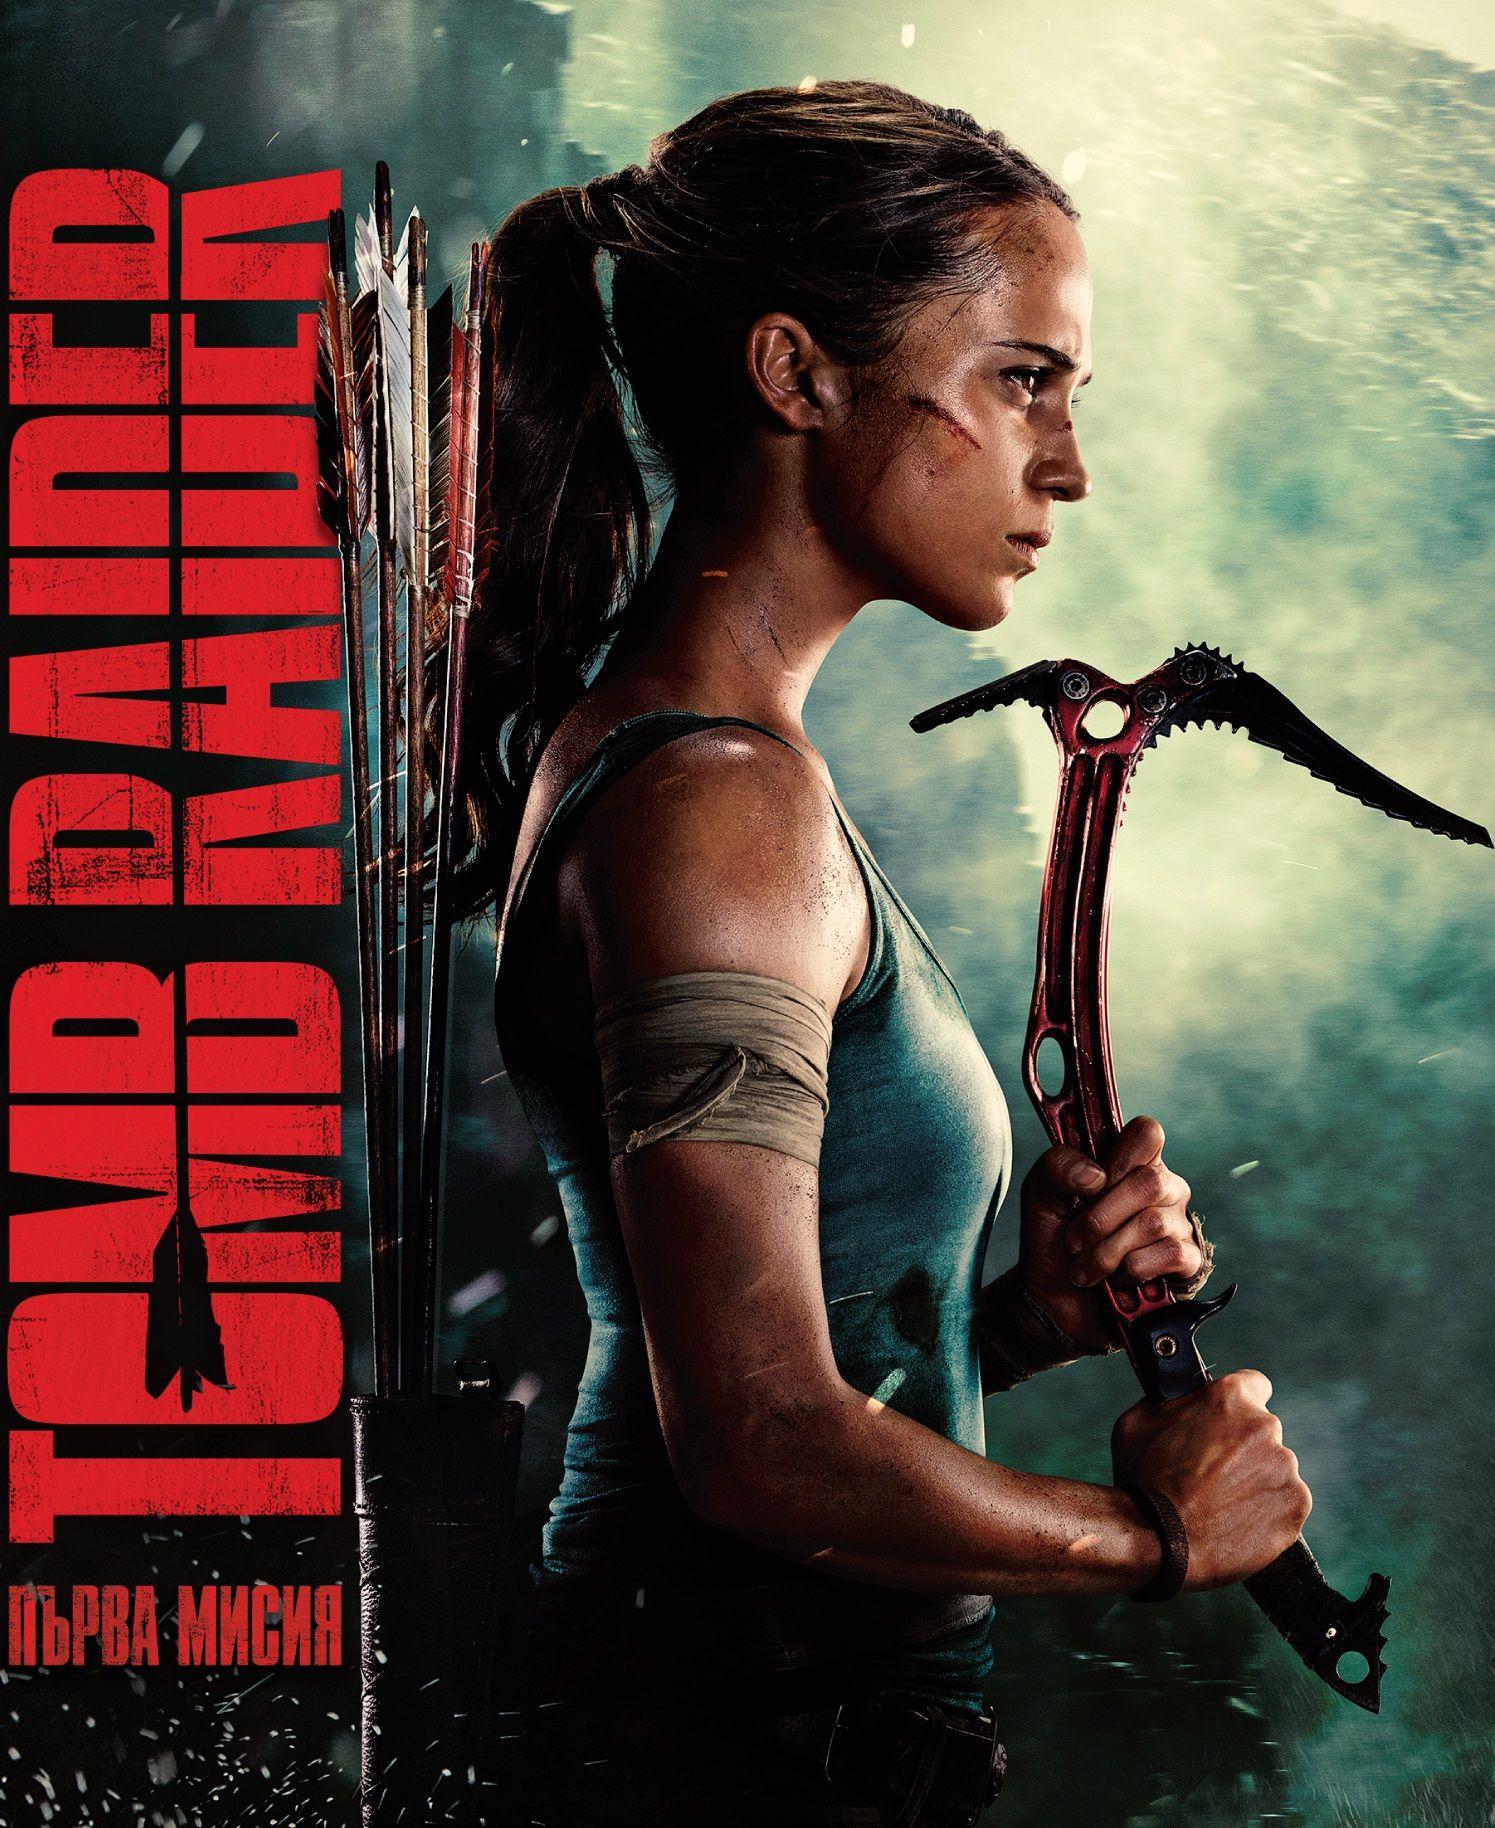 Tomb Raider: Първа мисия (Blu-ray) - 1